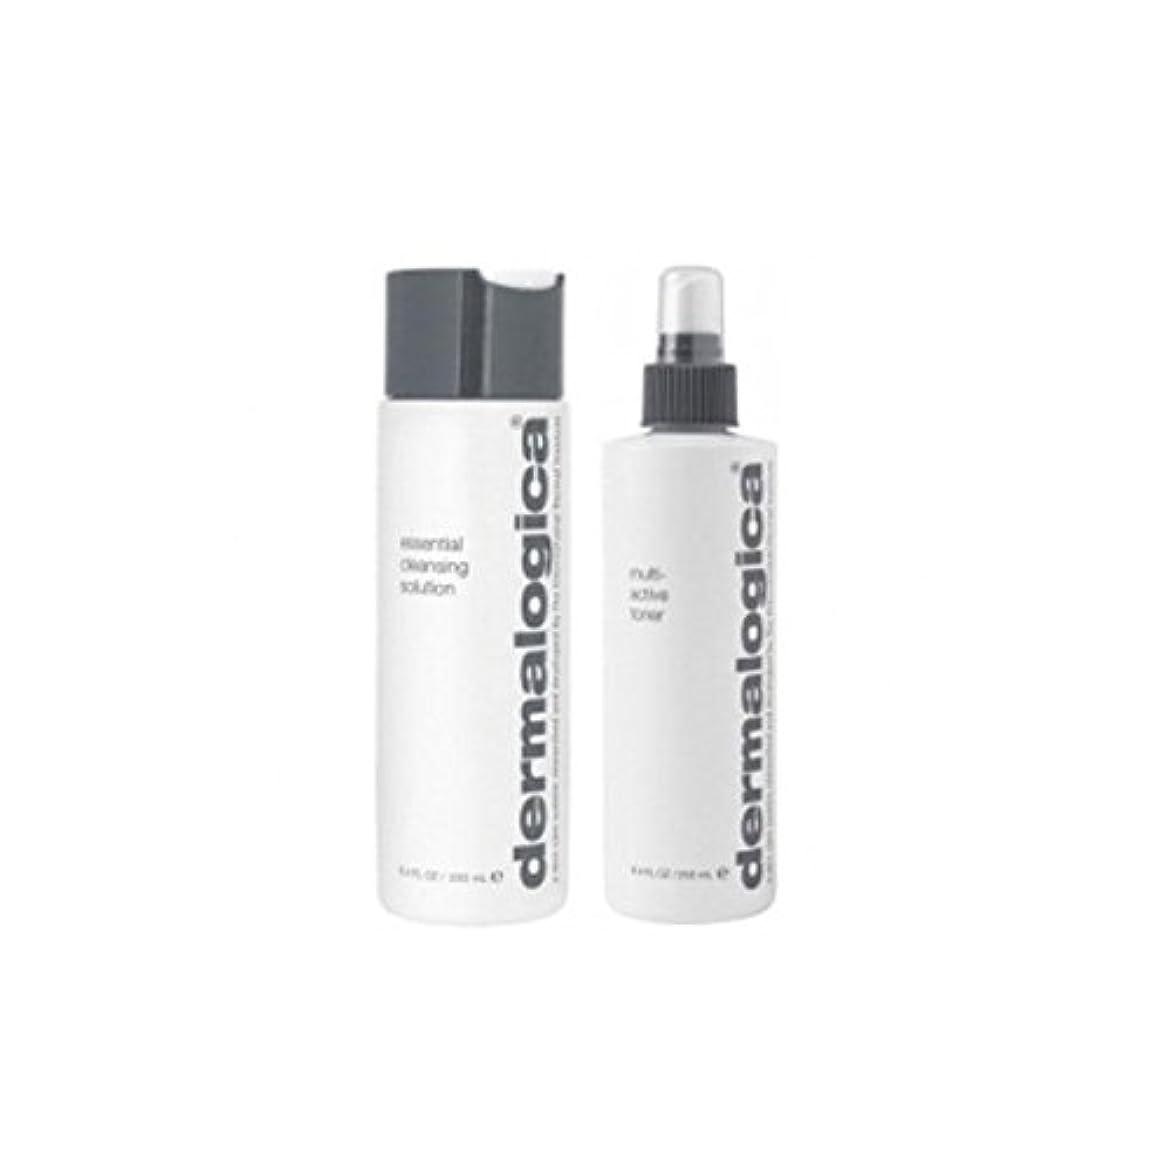 ポジティブ小売解くDermalogica Cleanse & Tone Duo - Dry Skin (Pack of 6) - ダーマロジカクレンジング&トーンデュオ - 乾燥肌 x6 [並行輸入品]